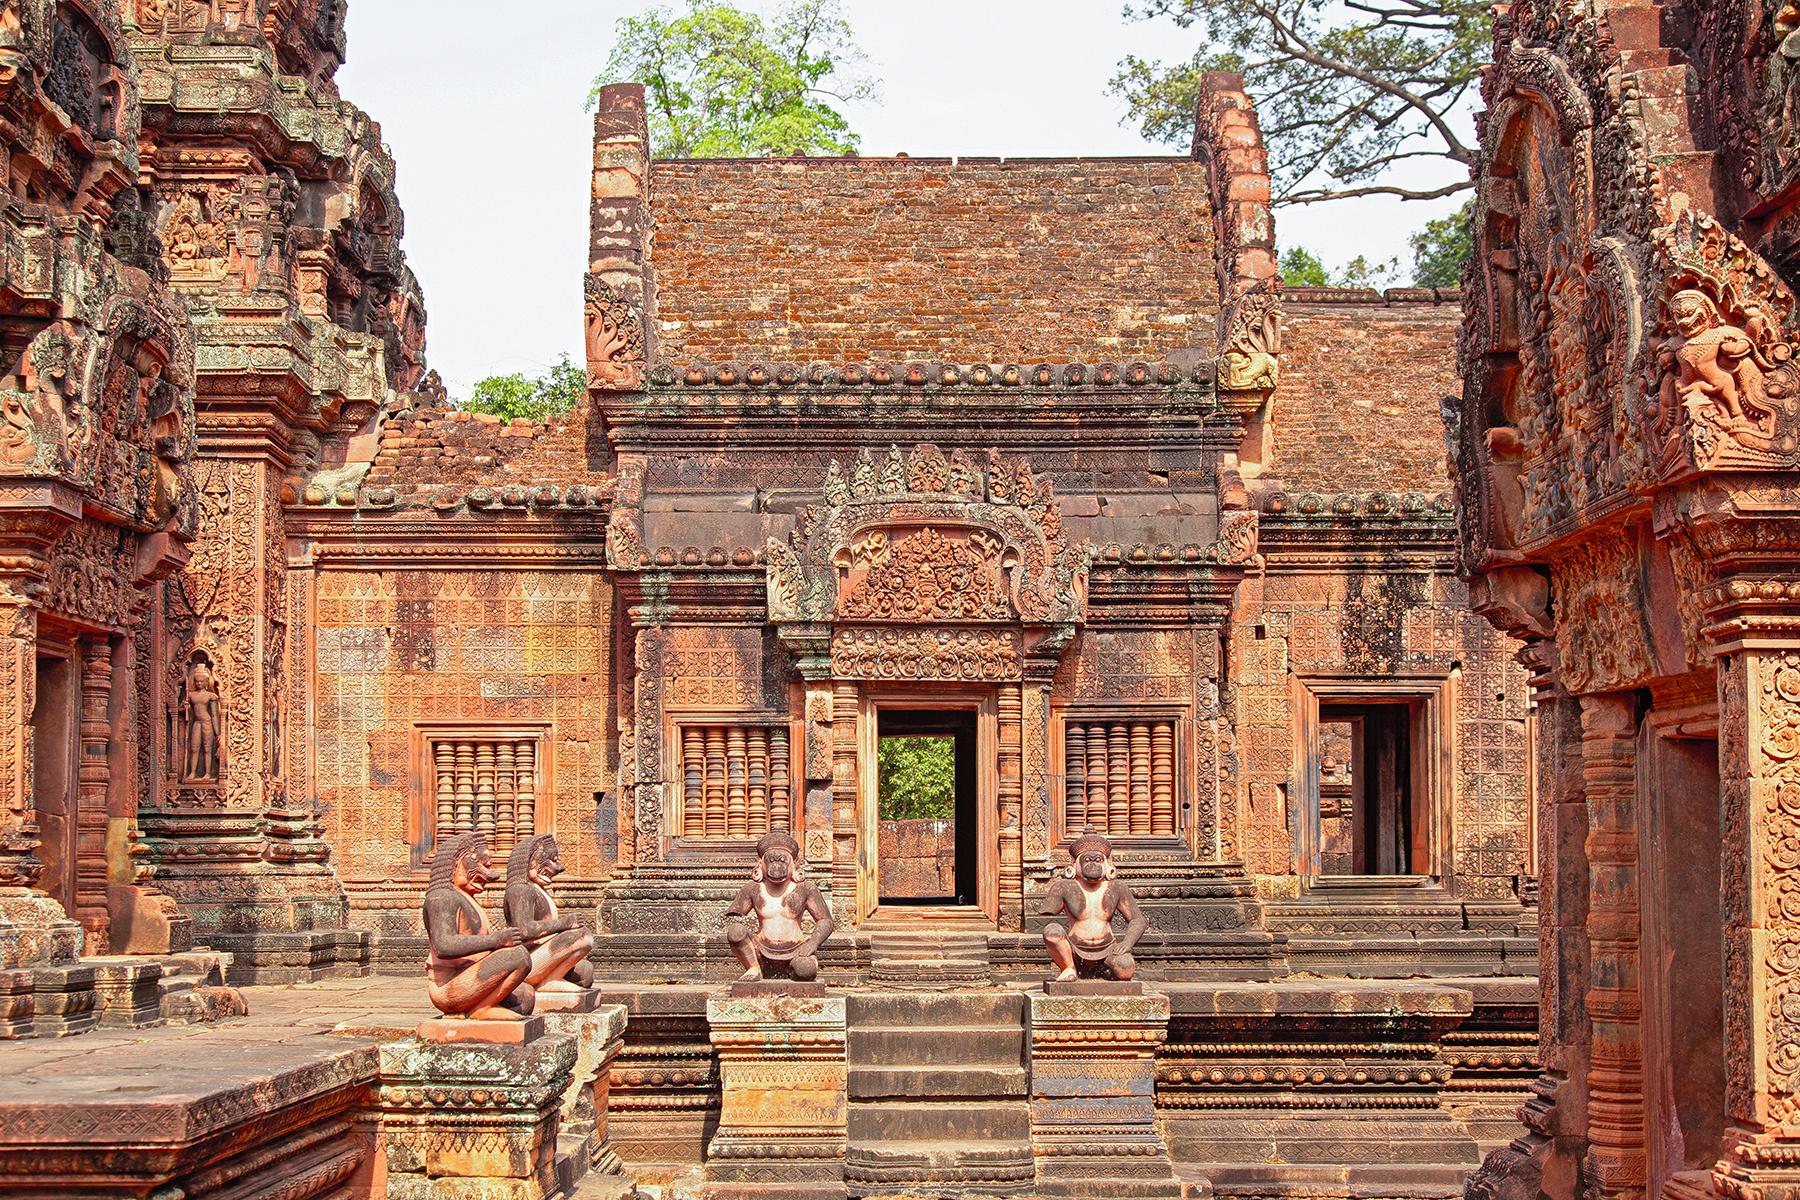 Angor Wat temple in Siem Reap